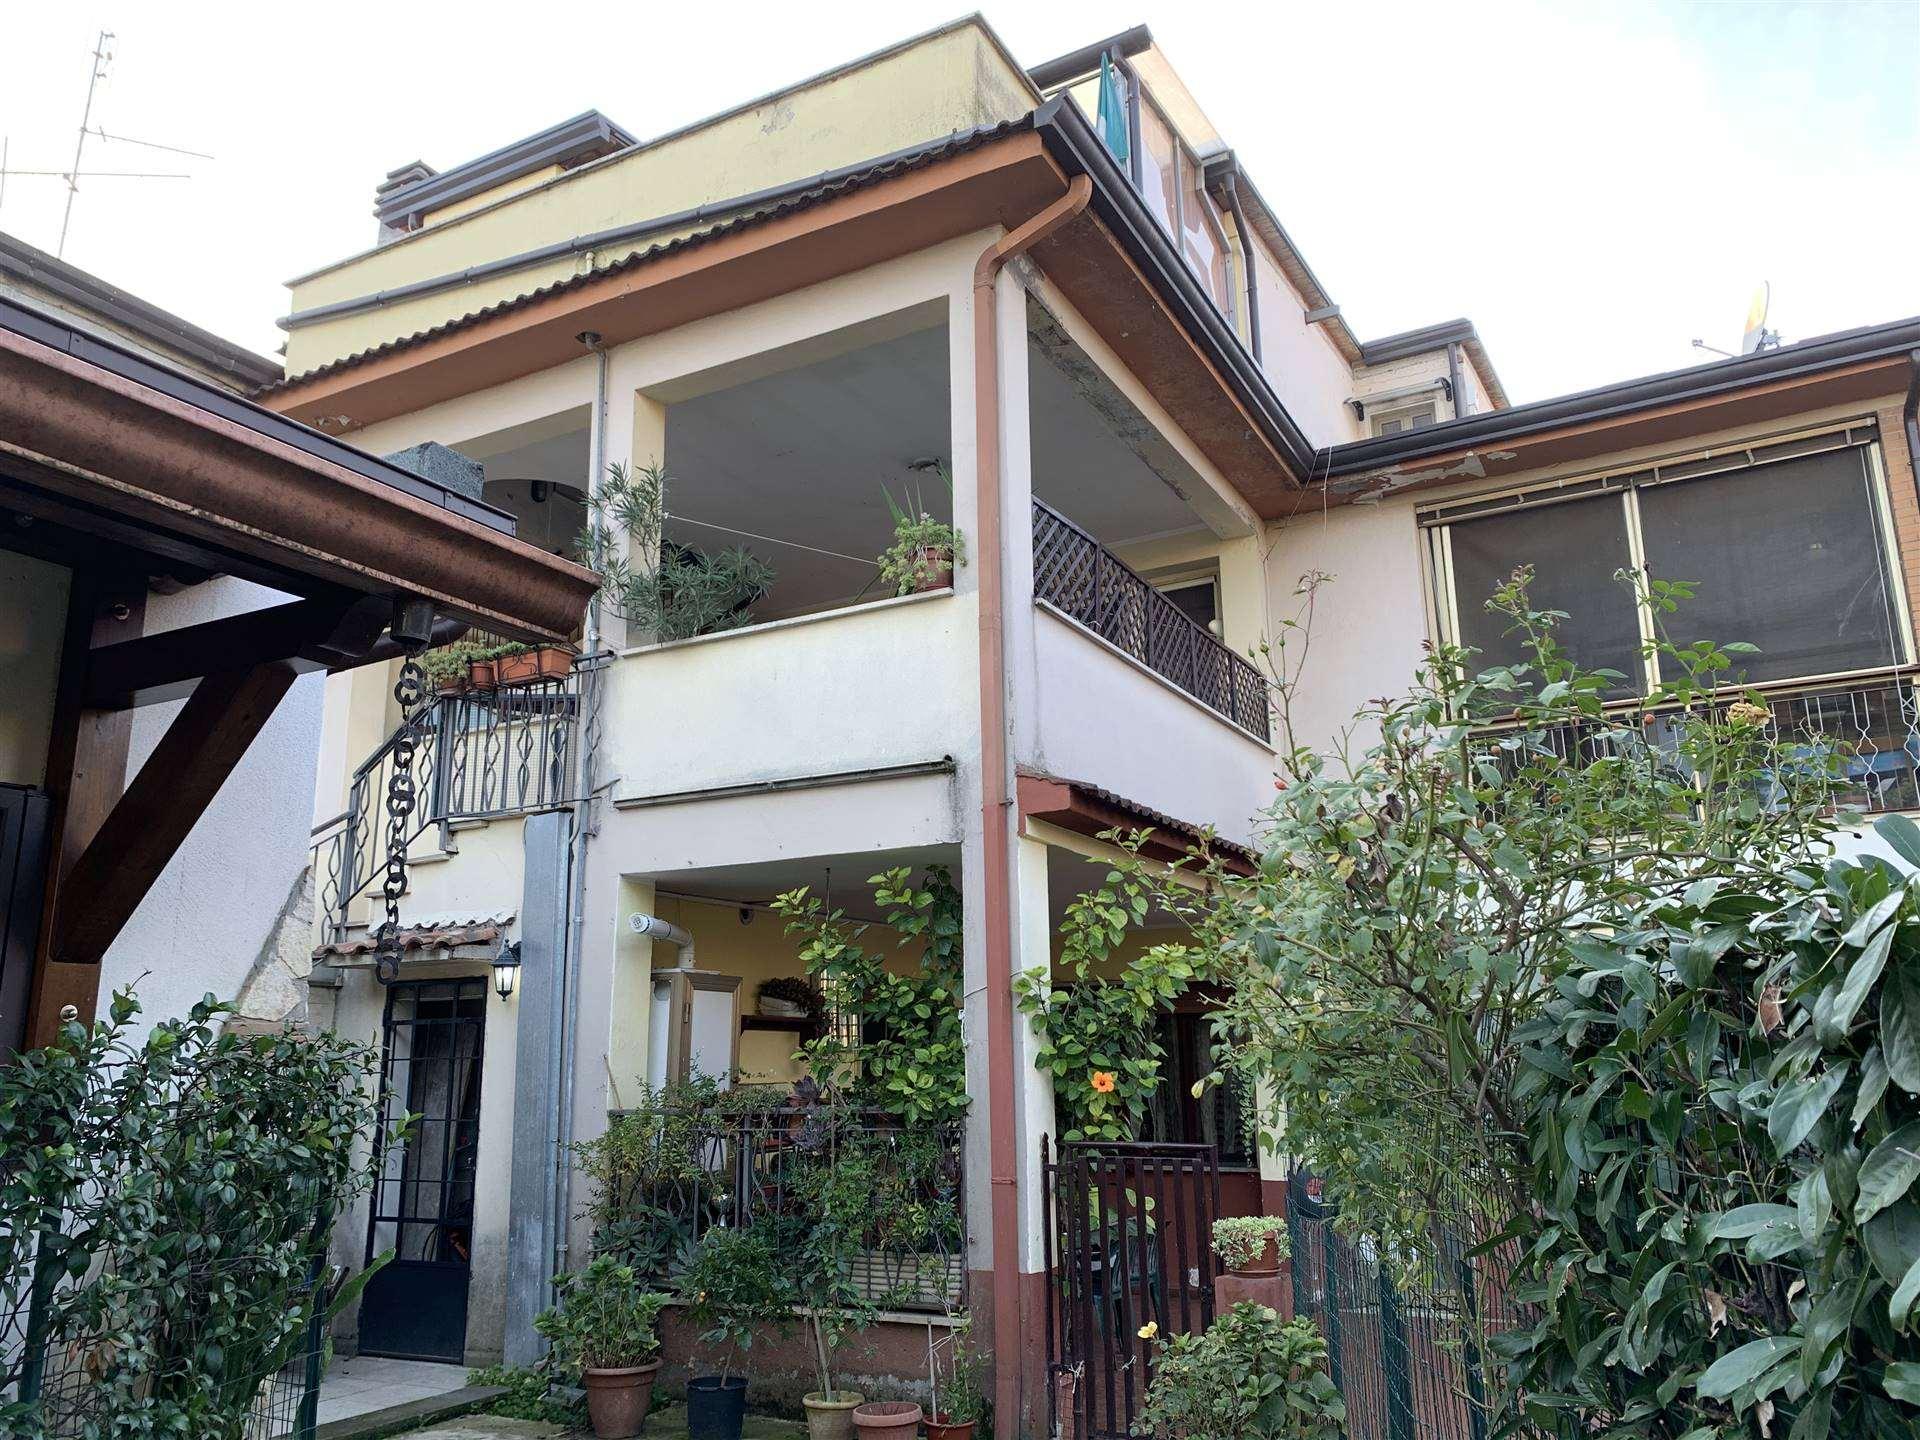 Appartamento in vendita a Frosinone, 5 locali, zona feria, prezzo € 85.000 | PortaleAgenzieImmobiliari.it